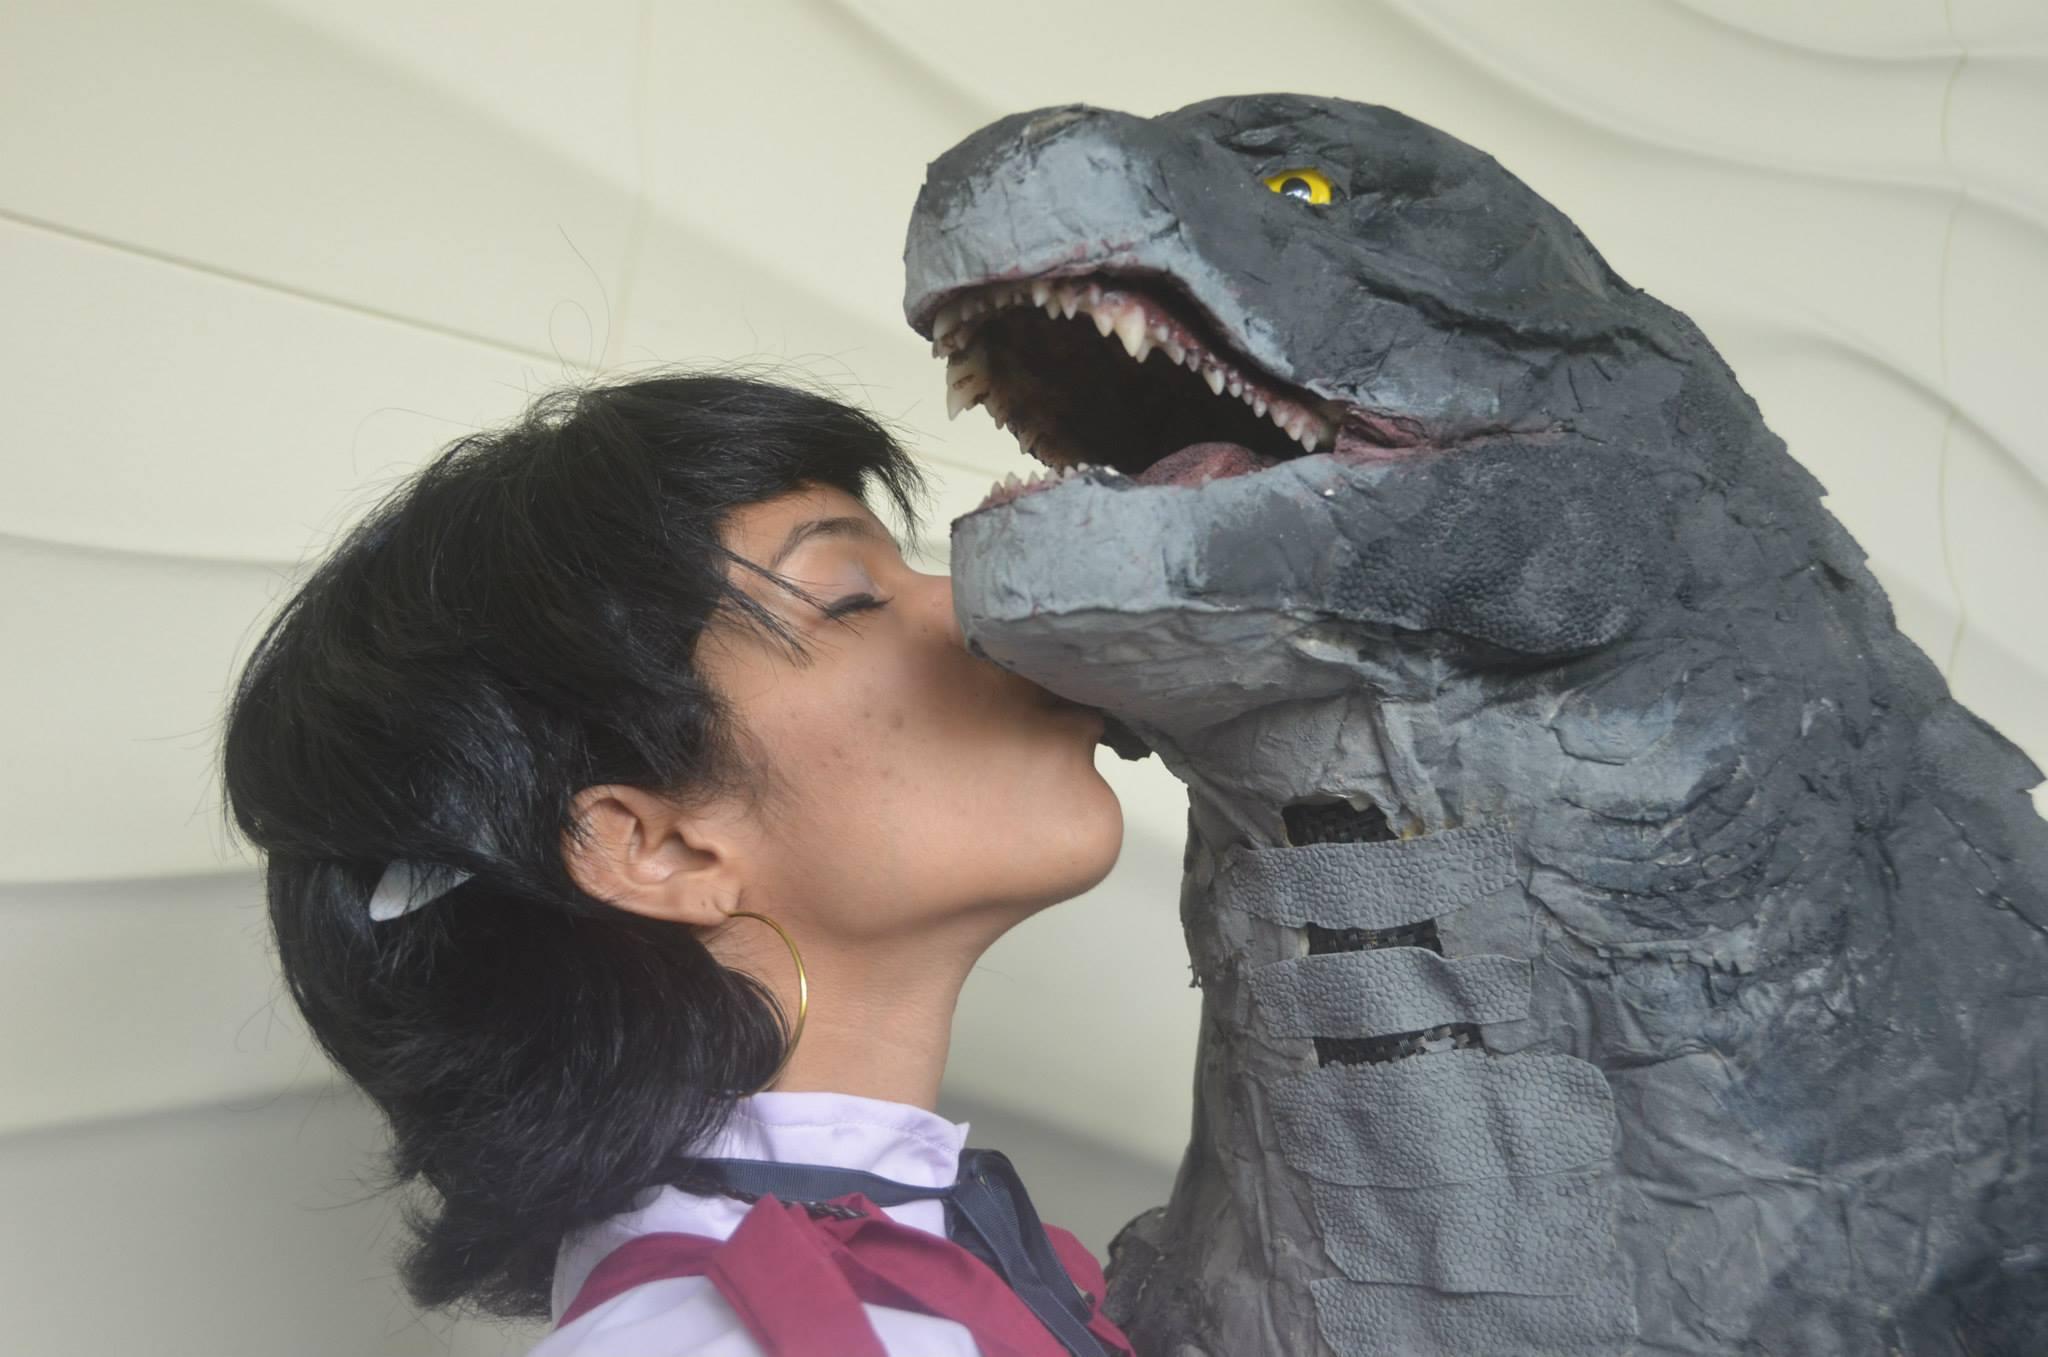 Making An Amazing Godzilla Costume